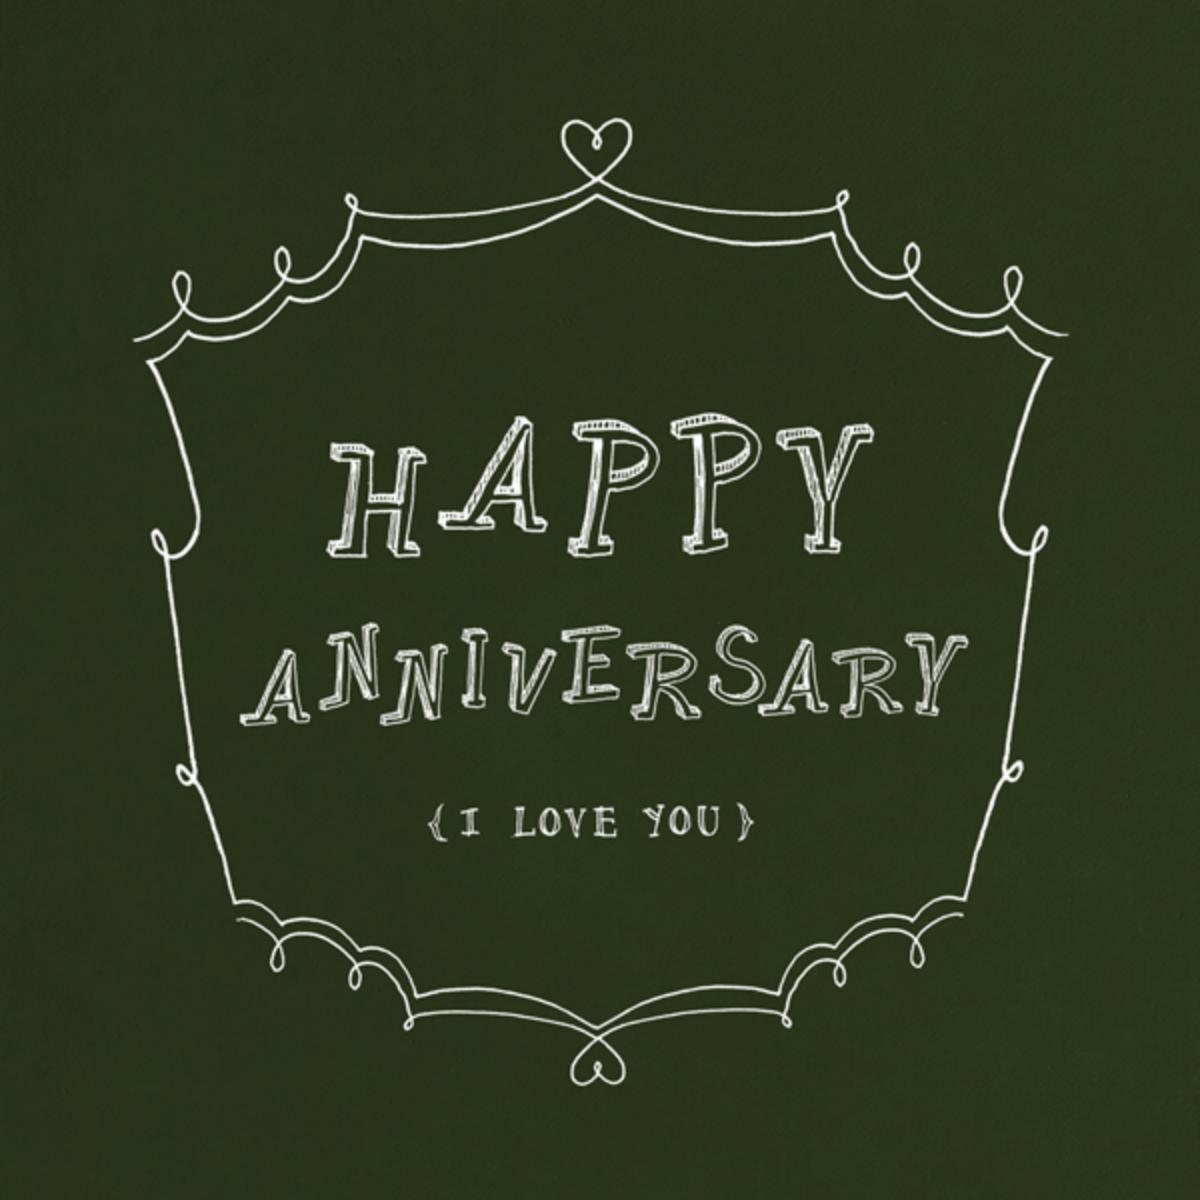 Chalkboard - Happy Anniversary - Paperless Post - Anniversary